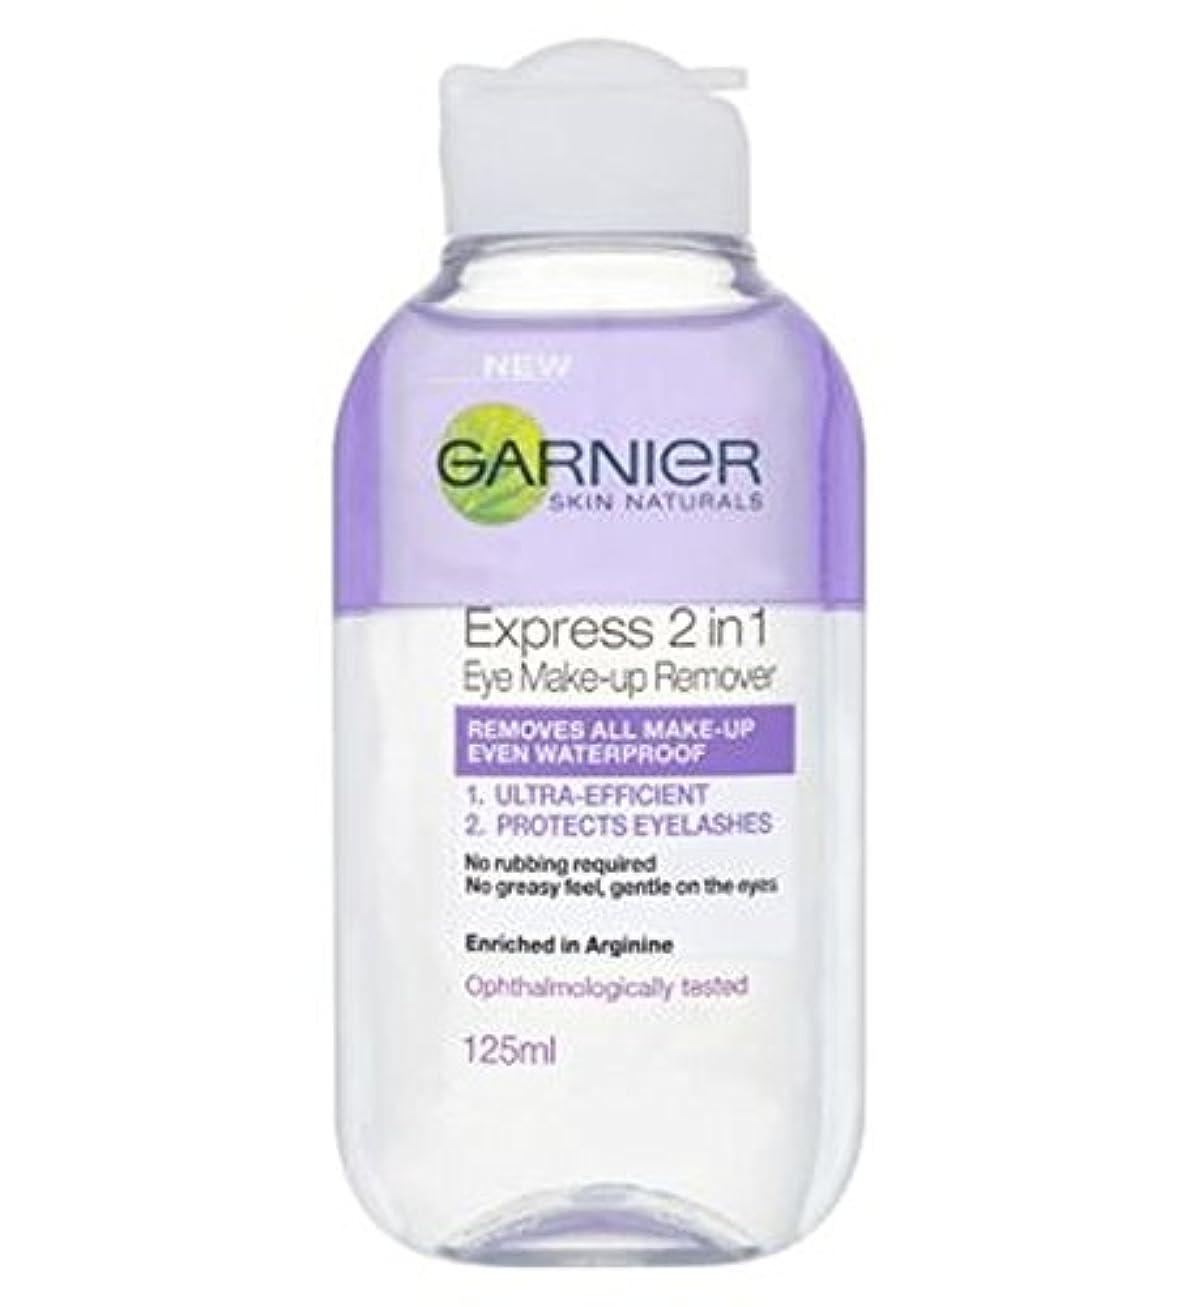 美容師必要ないフォークGarnier Express 2in1 eye make up remover 125ml - ガルニエ急行の2In1の目は、リムーバー125ミリリットルを作ります (Garnier) [並行輸入品]